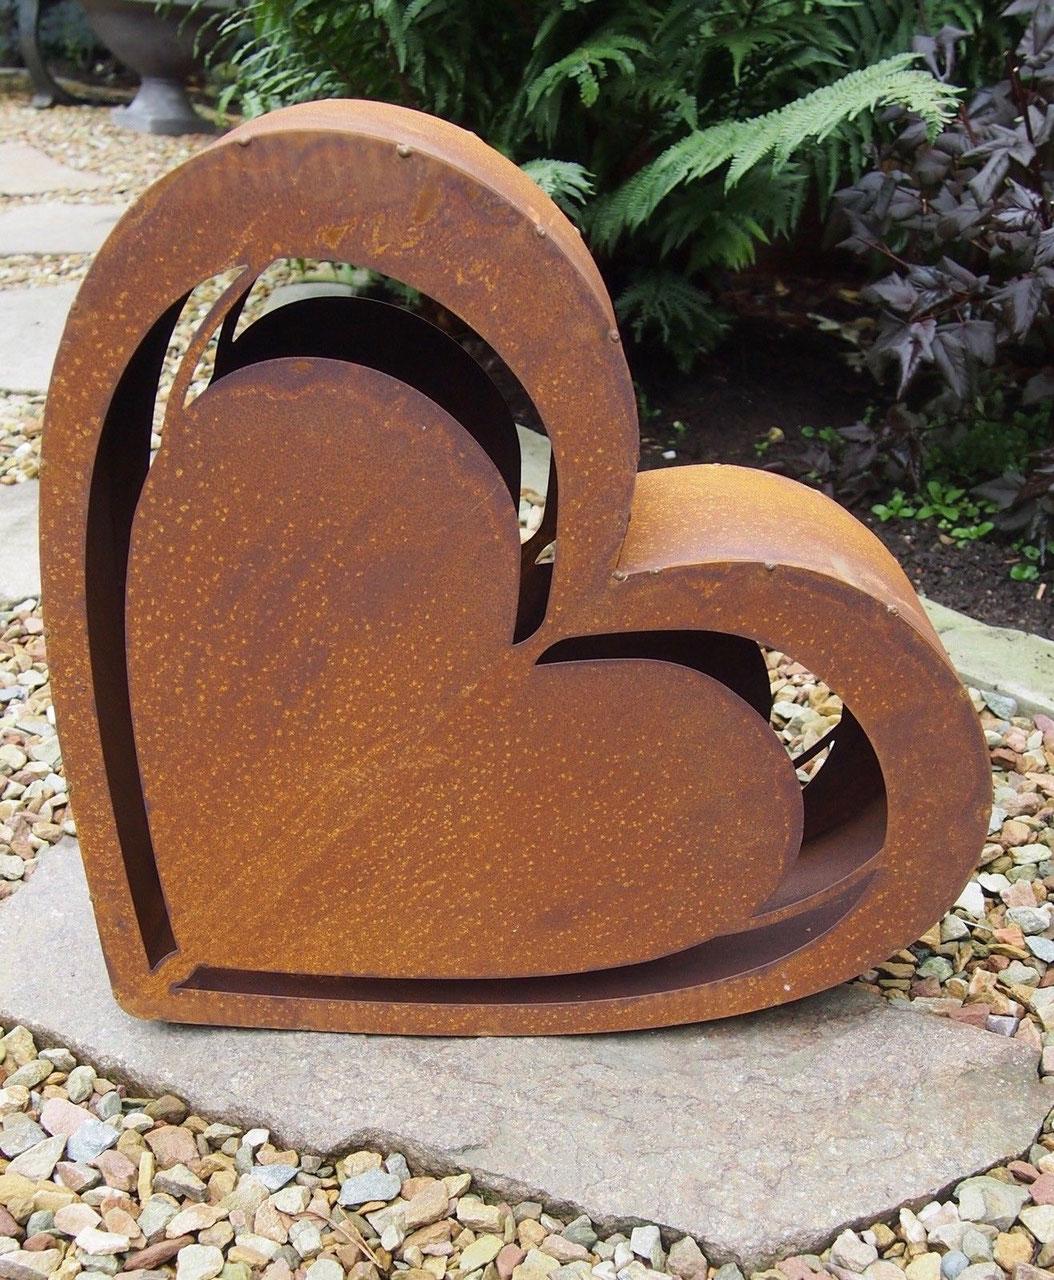 Gartendekoration aus metall und holz metalldekoration for Gartendekoration eisen